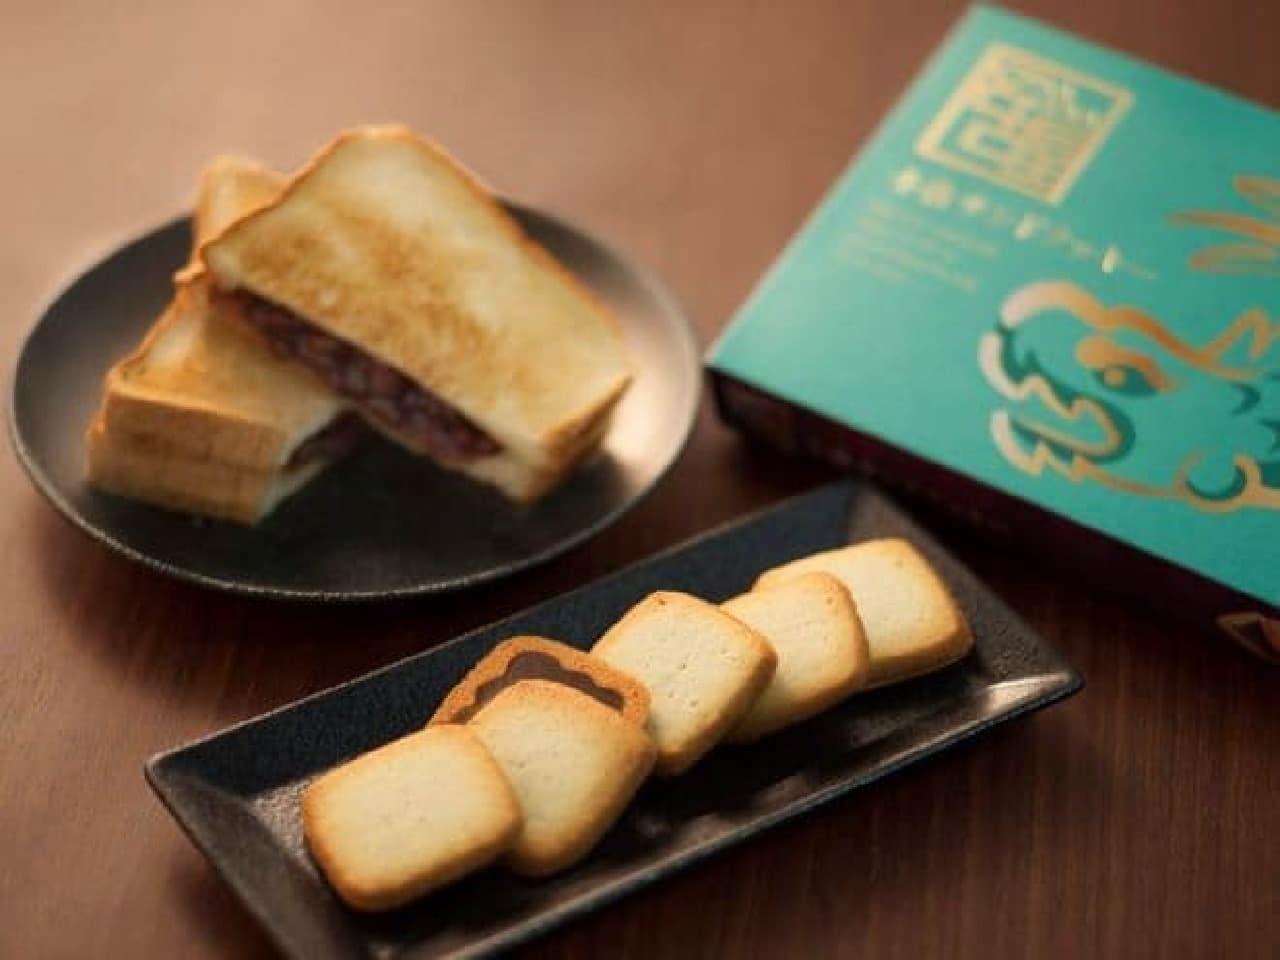 """モロゾフ、""""小倉トースト""""をイメージした焼き菓子「名古屋 小倉サンドクッキー」"""